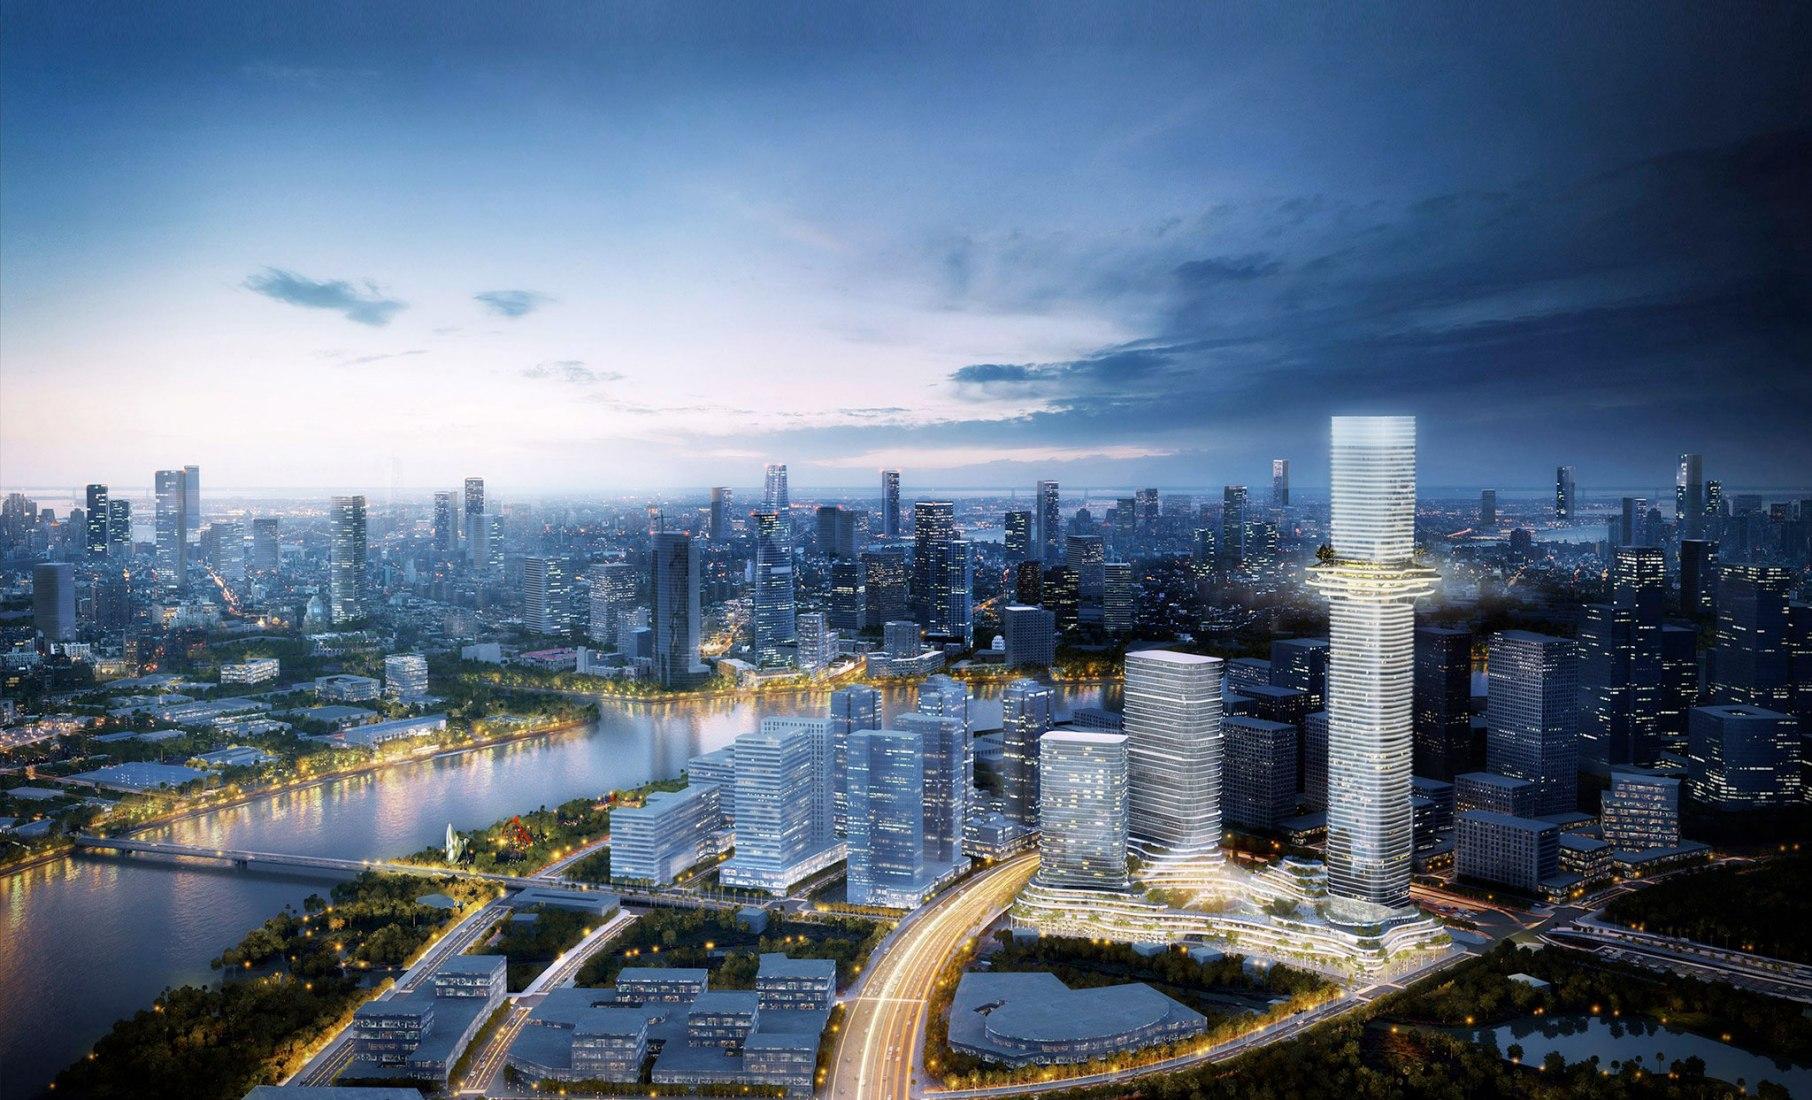 Skyline Future Urban Vision. Empire City by Ole Scheeren Buro. Image © Buro Ole Scheeren